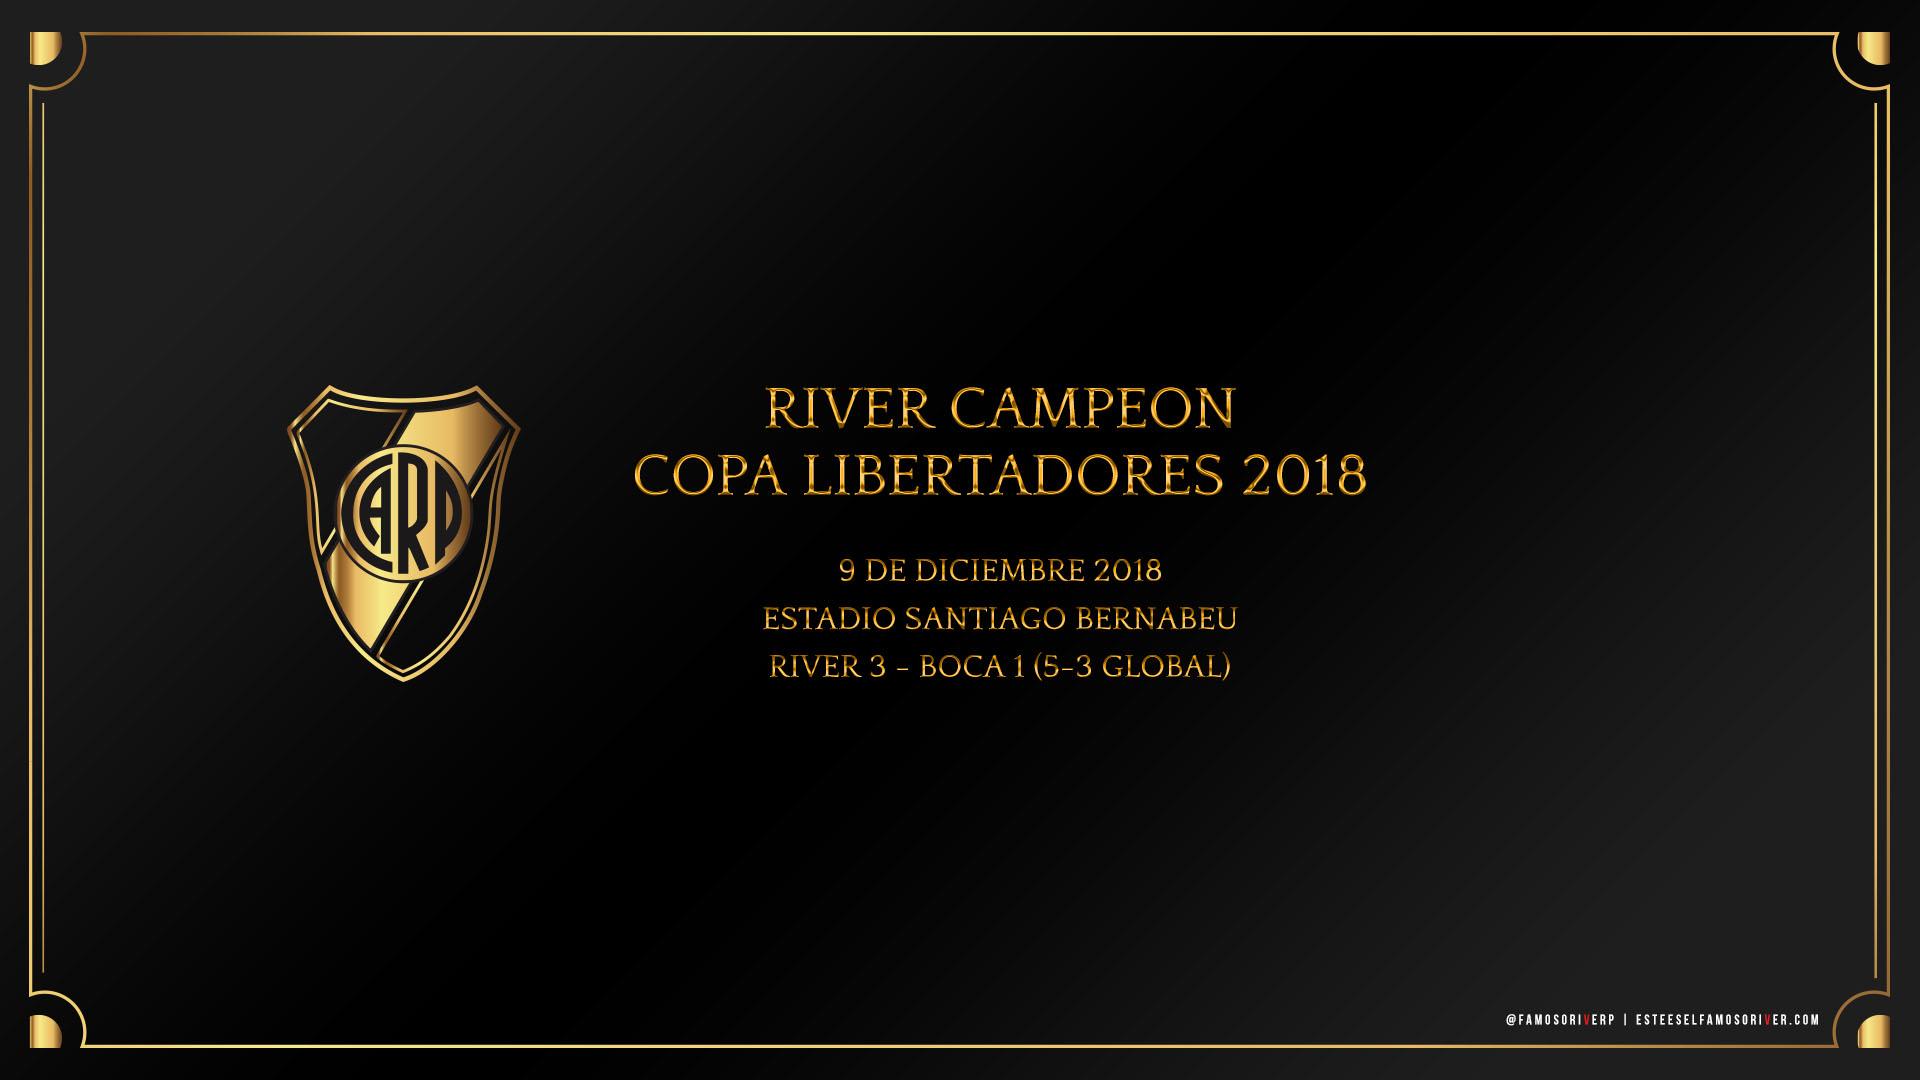 imagenes-de-river-plate-para-fondos-de-pantalla-wallpaper-de-river-campeon copa libertadores 2018